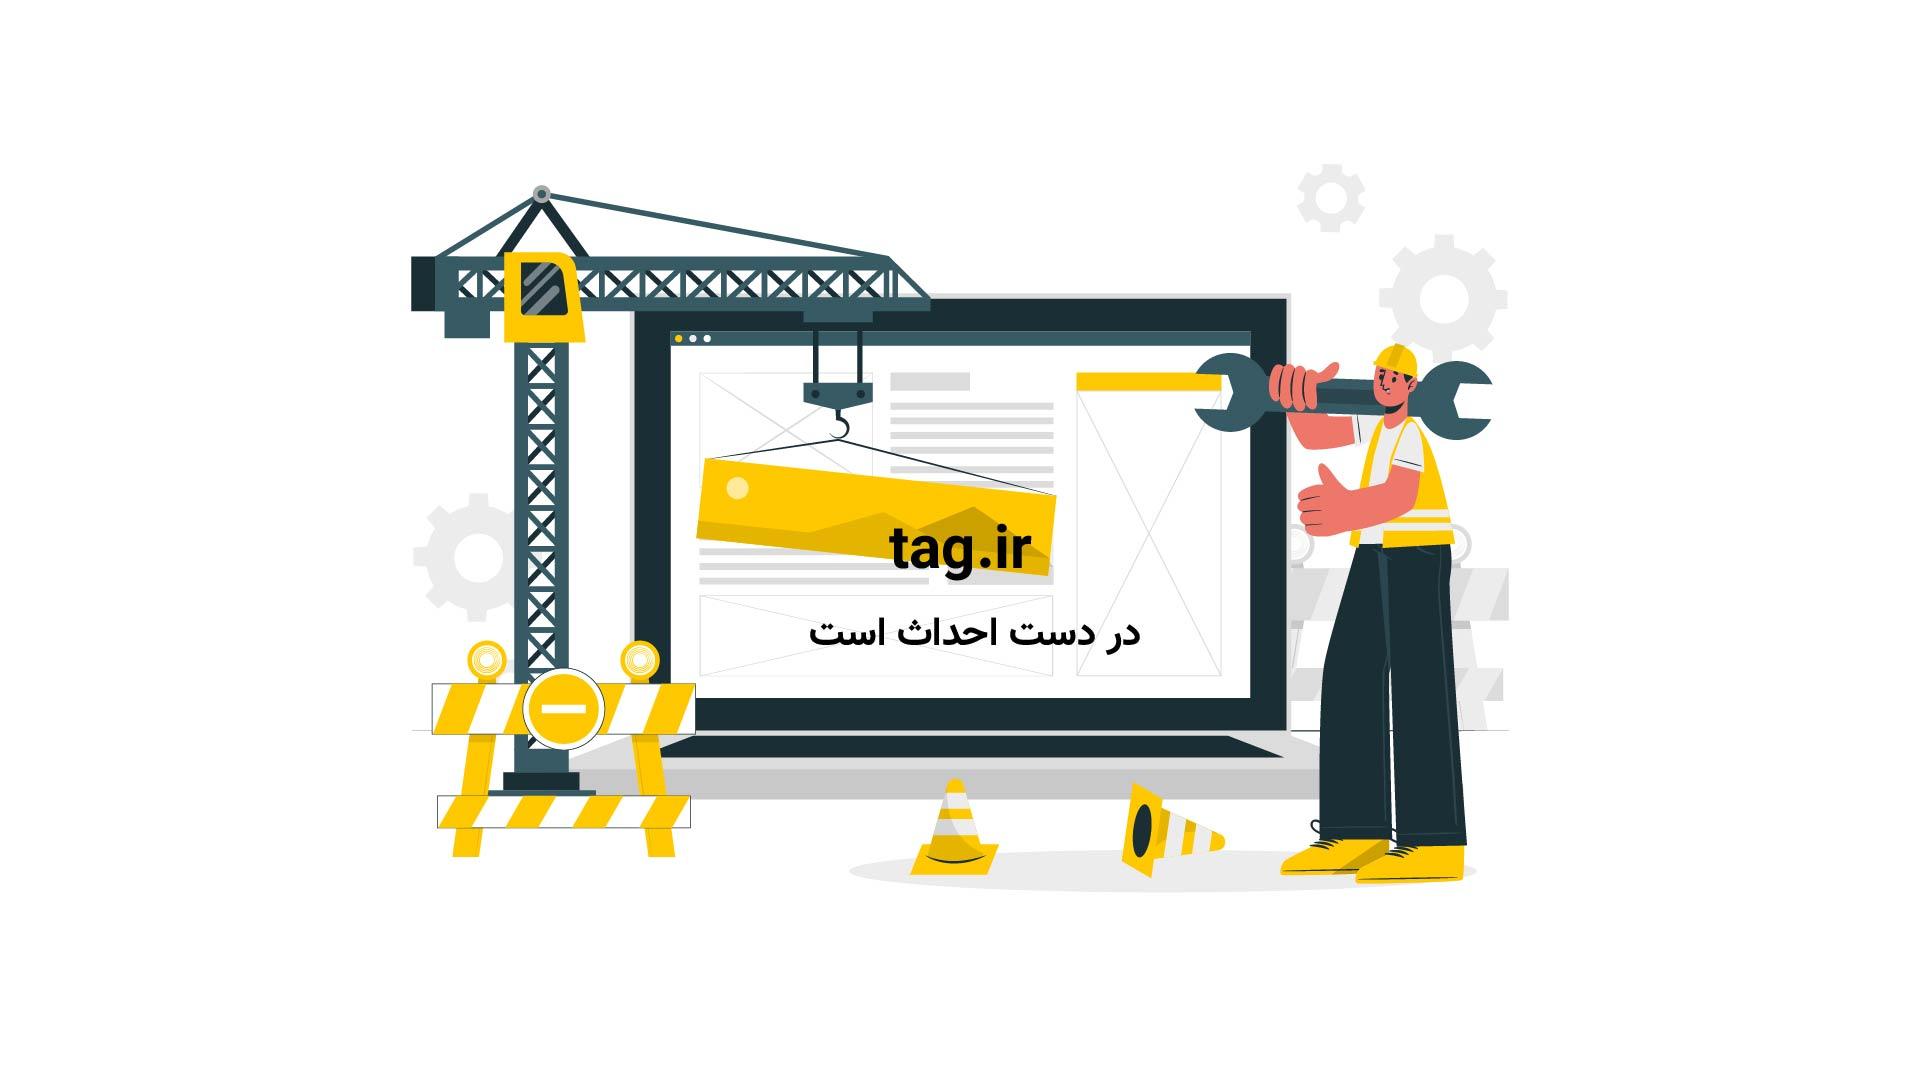 سقوط یک فروند هواپیما در اطراف کوه سبلان؛ بالگرد به منطقه اعزام شد | فیلم